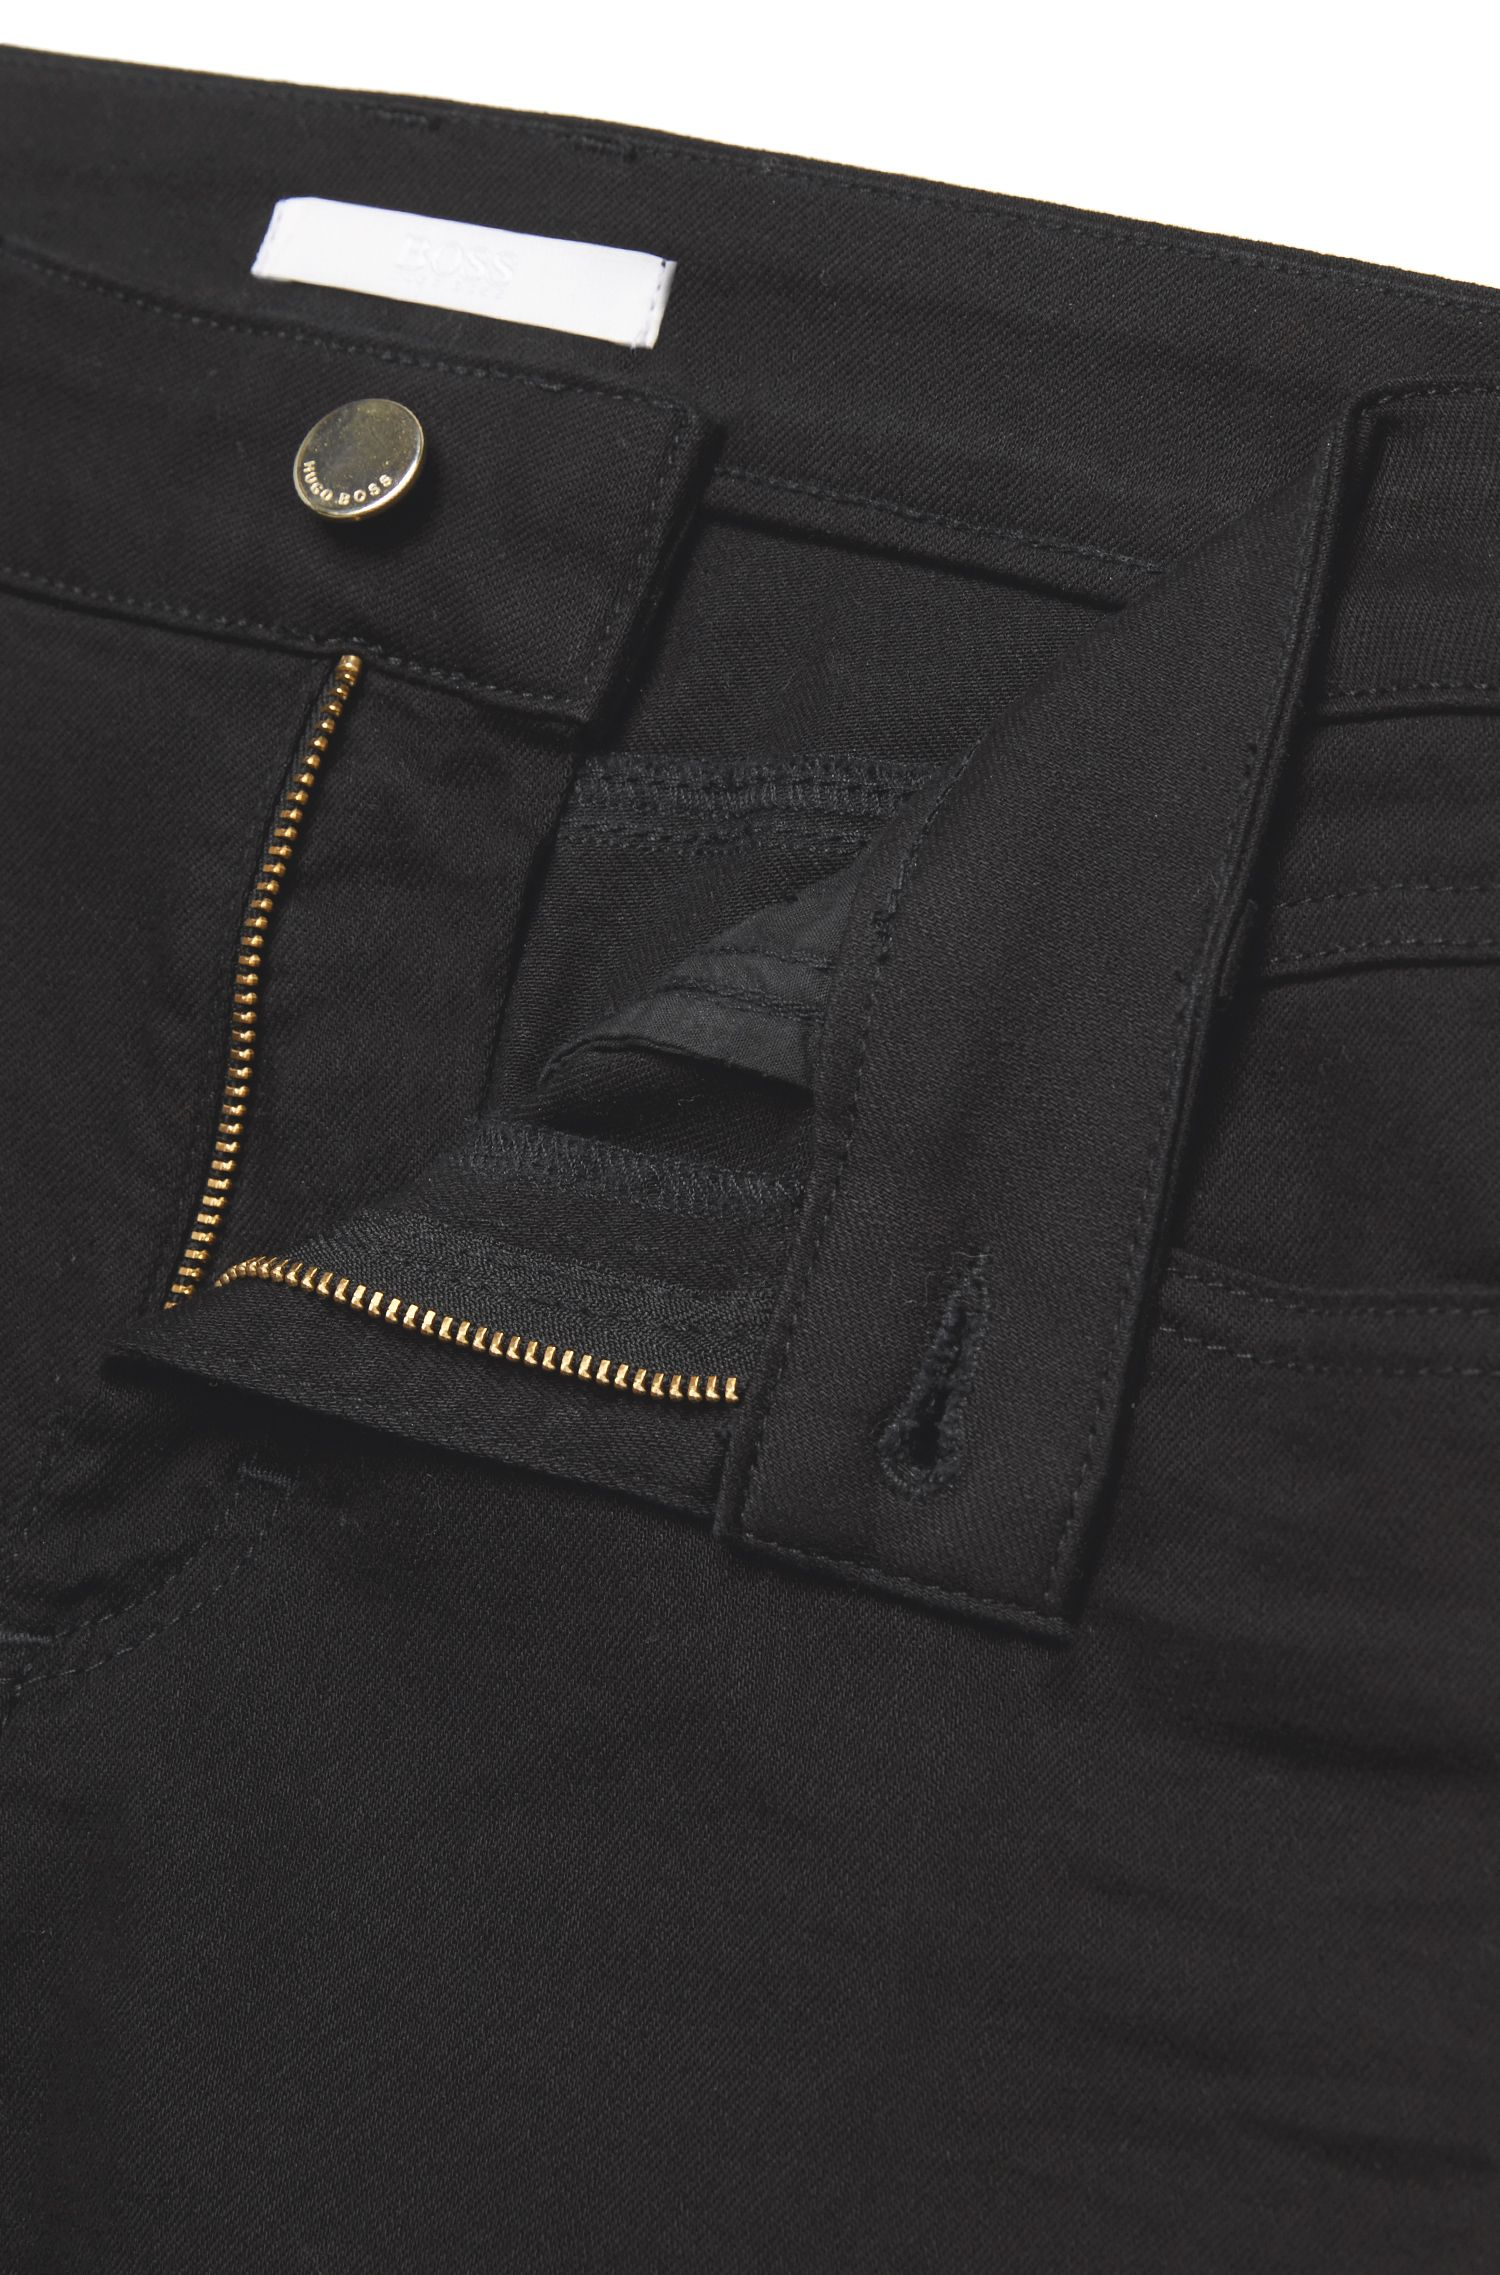 Regular-Fit Jeans im Five-Pocket-Stil: 'Nelin'